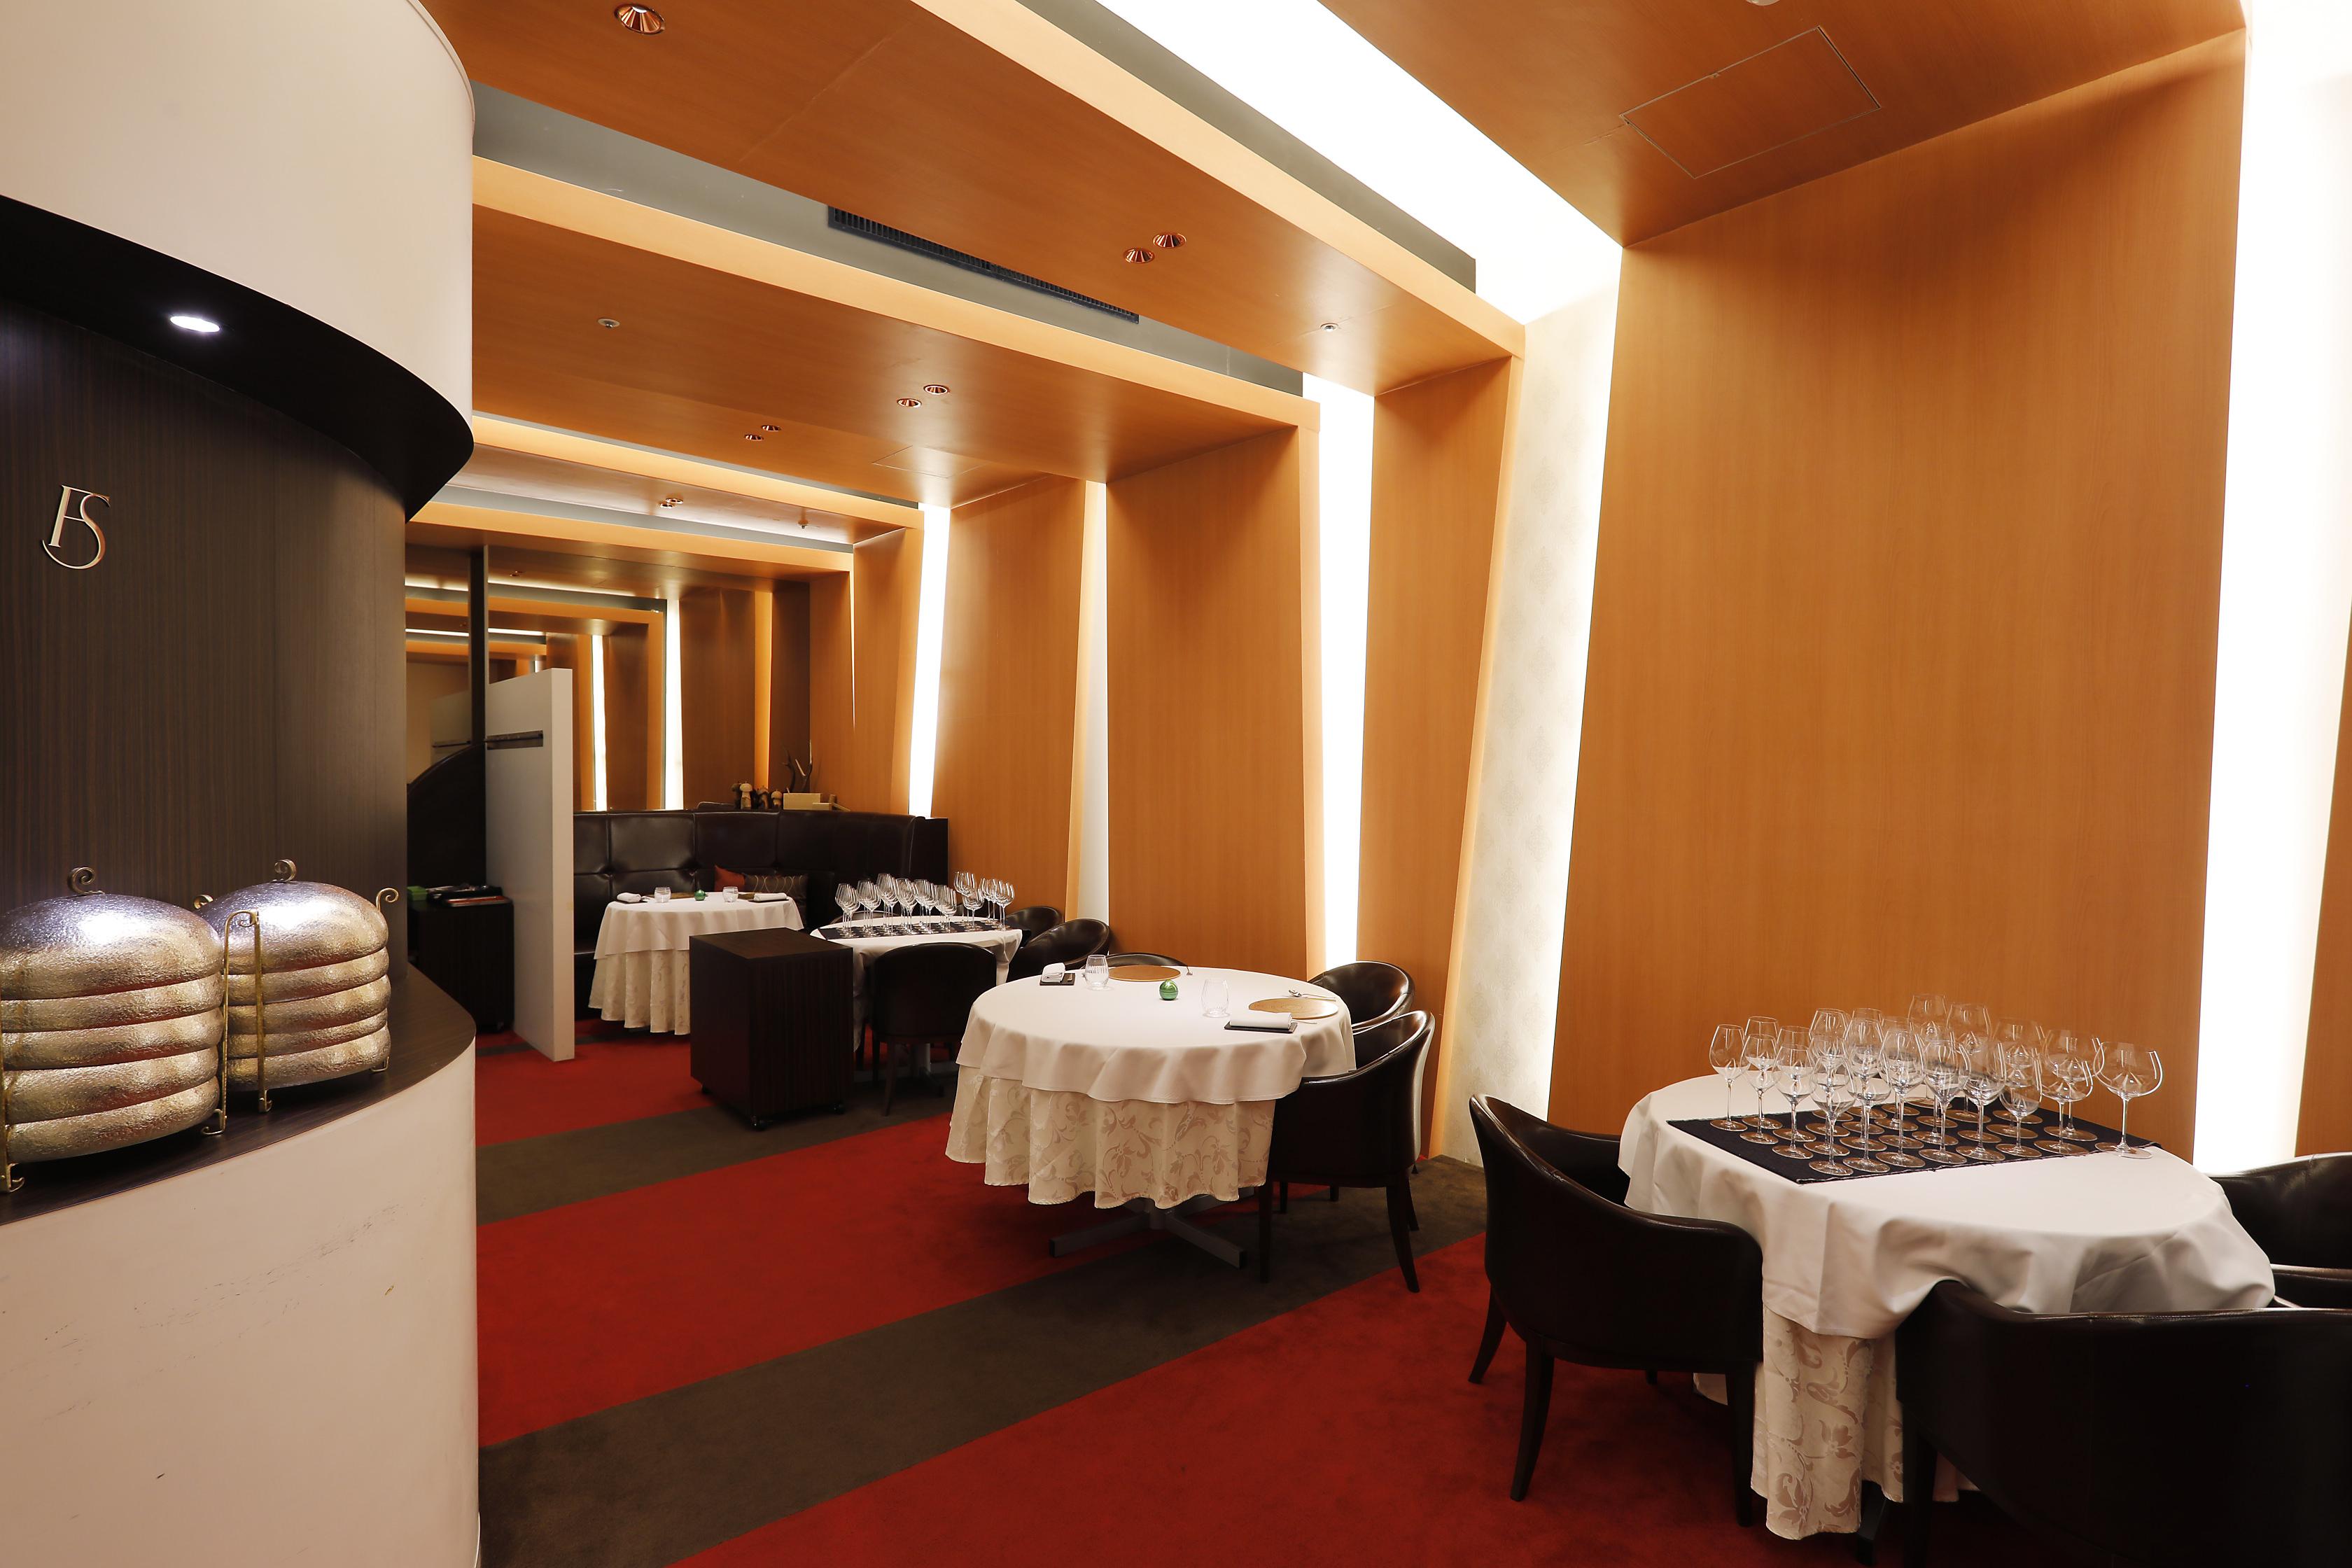 Restaurant La FinS interior